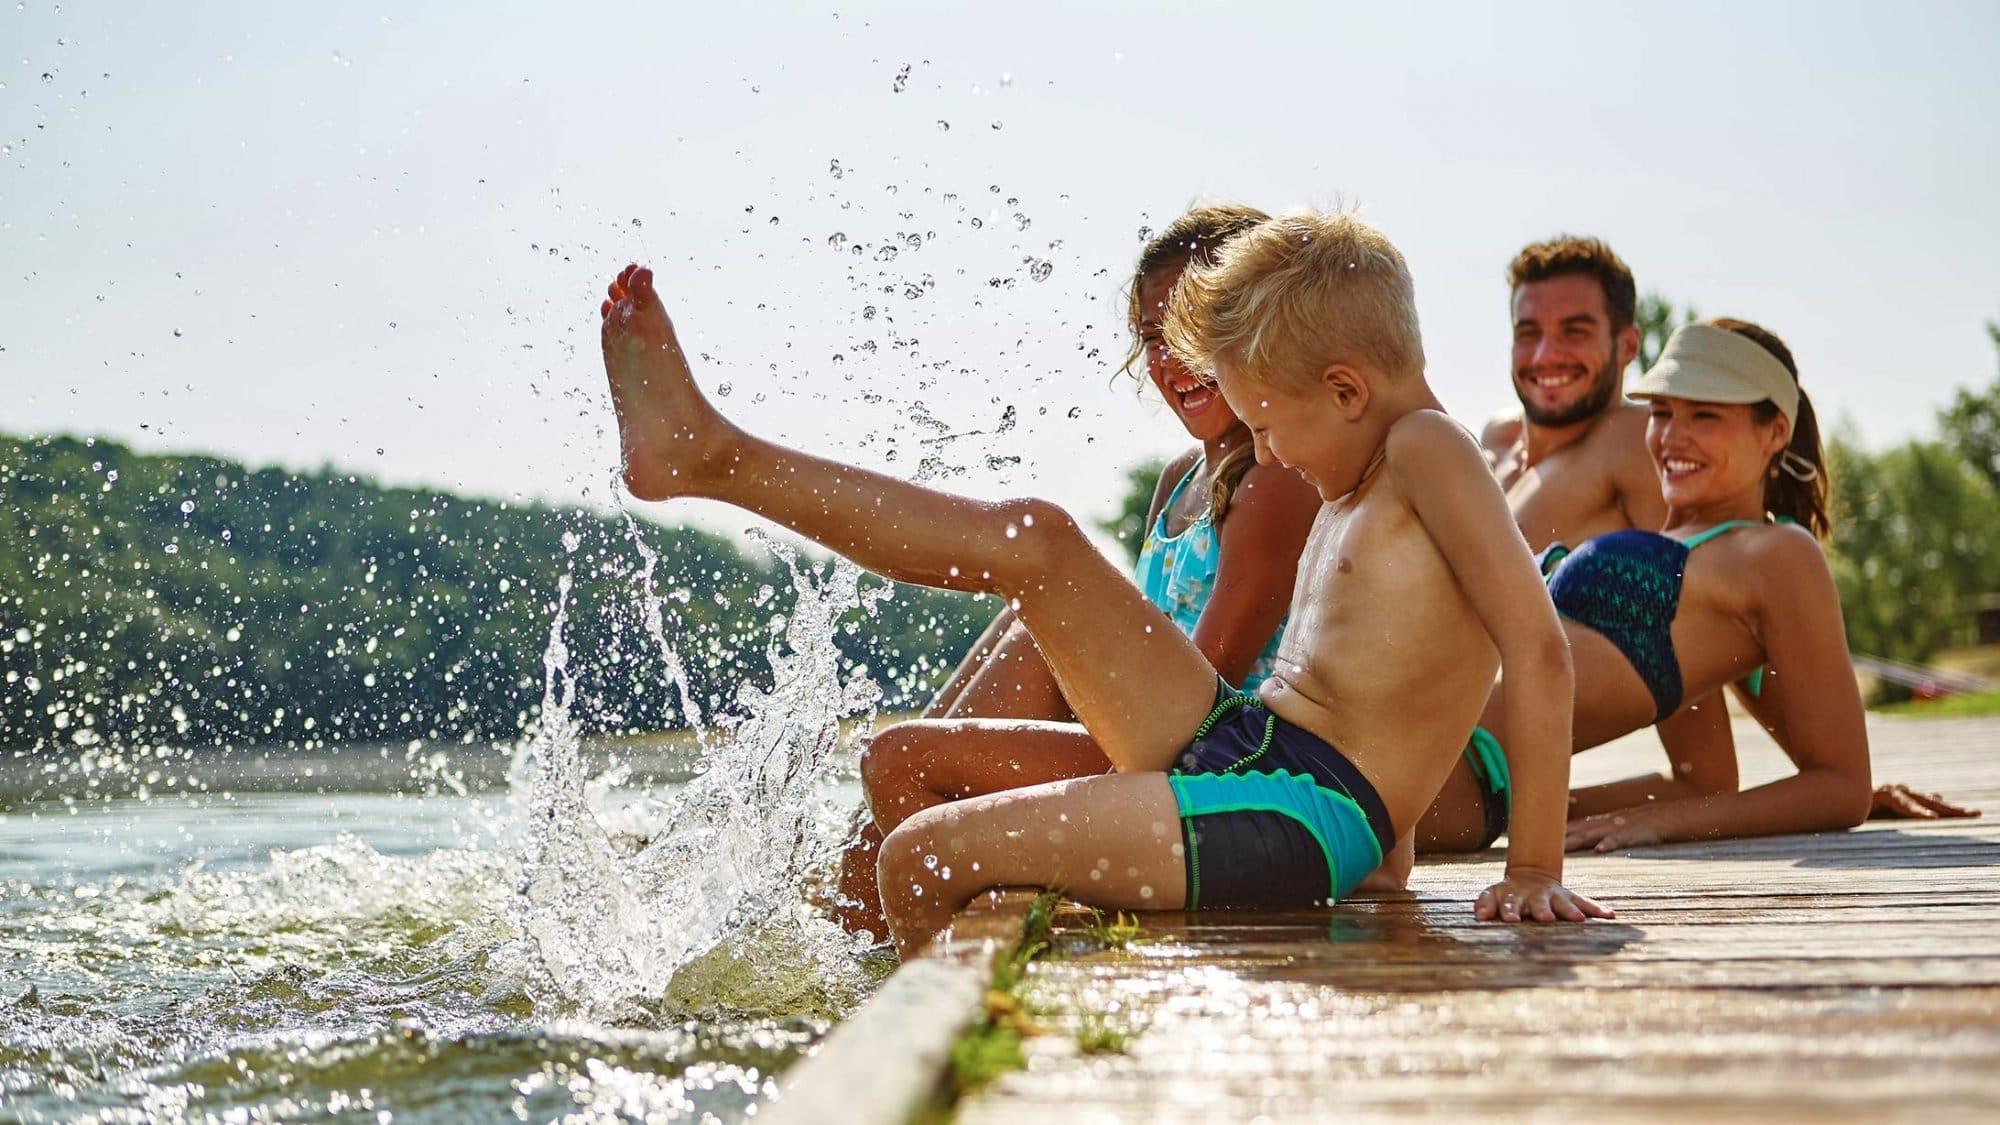 Eine Familie liegt am Wasser